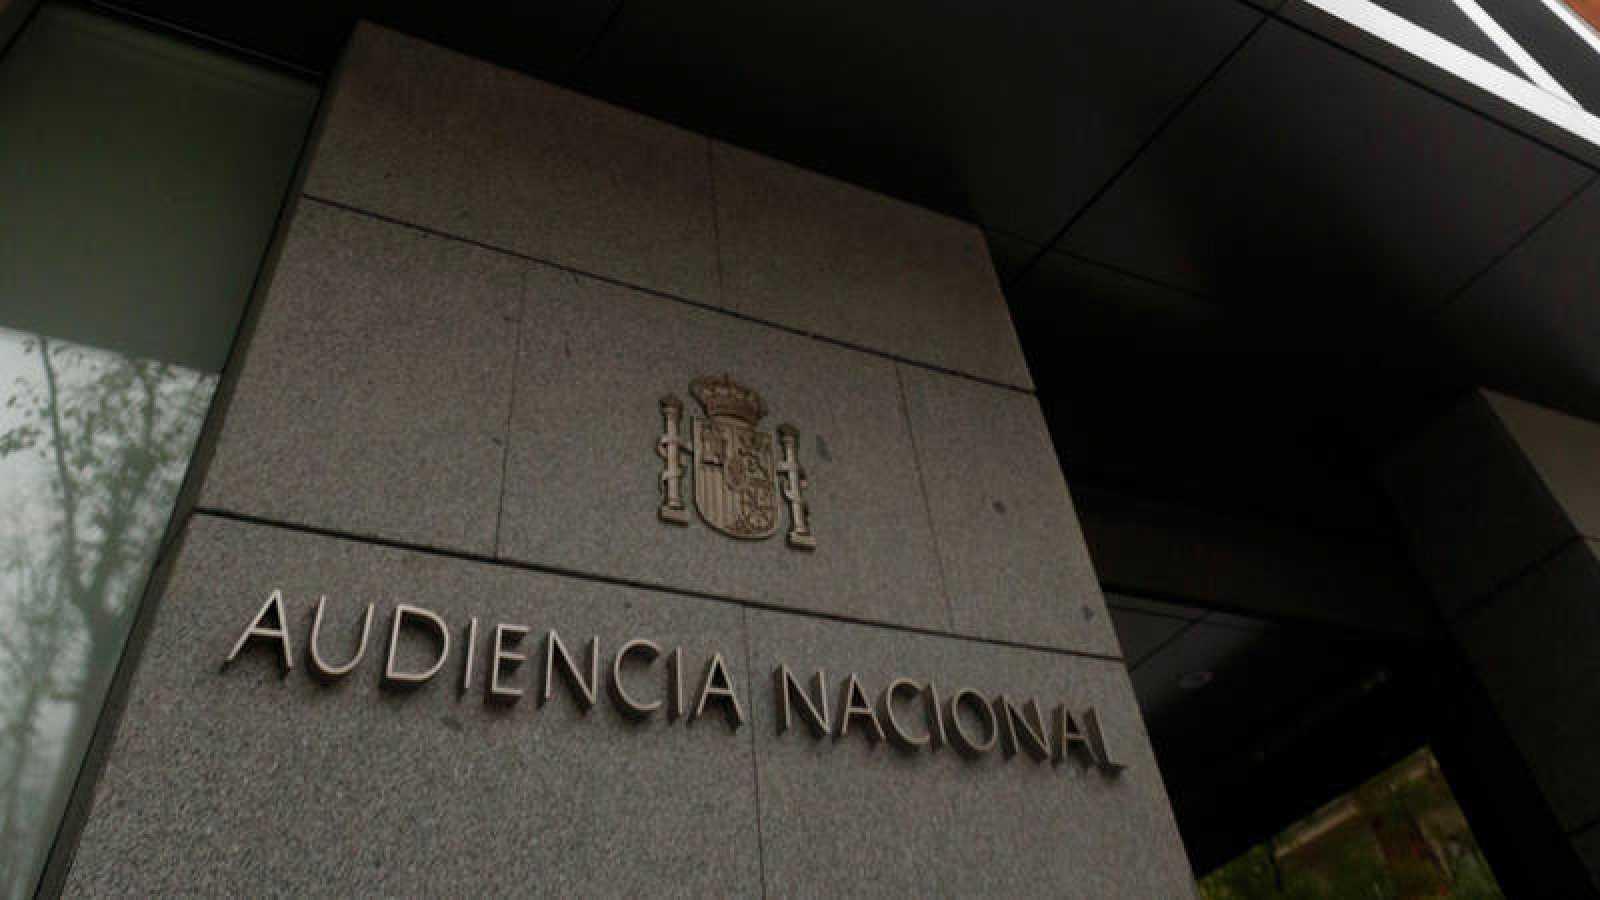 El juicio por la intervención del Banco Popular que se libra en la Audiencia Nacional ha comenzado el lunes con un durísimo interrogatorio de la Fiscalía a los peritos del Banco de España que hicieron el informe sobre la entidad